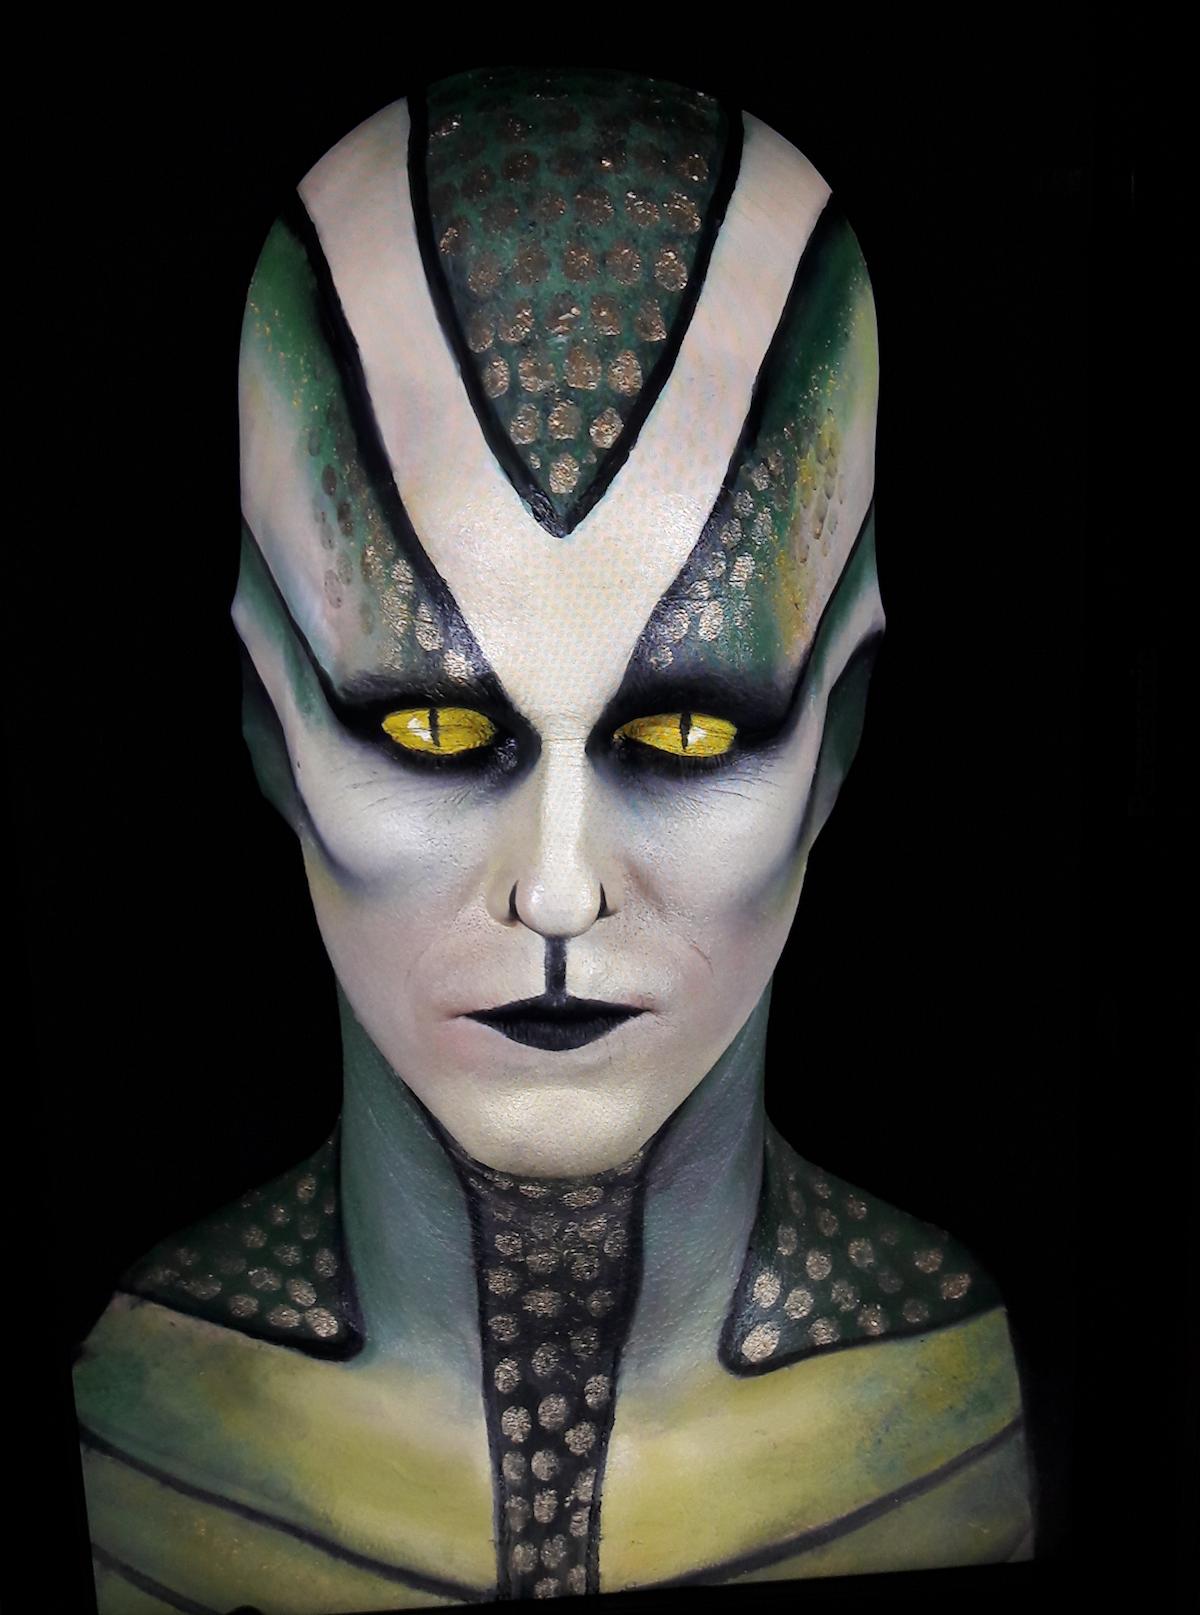 Eine unheimliche Erscheinung: Die menschliche Schlange im Nimmerland-Space.